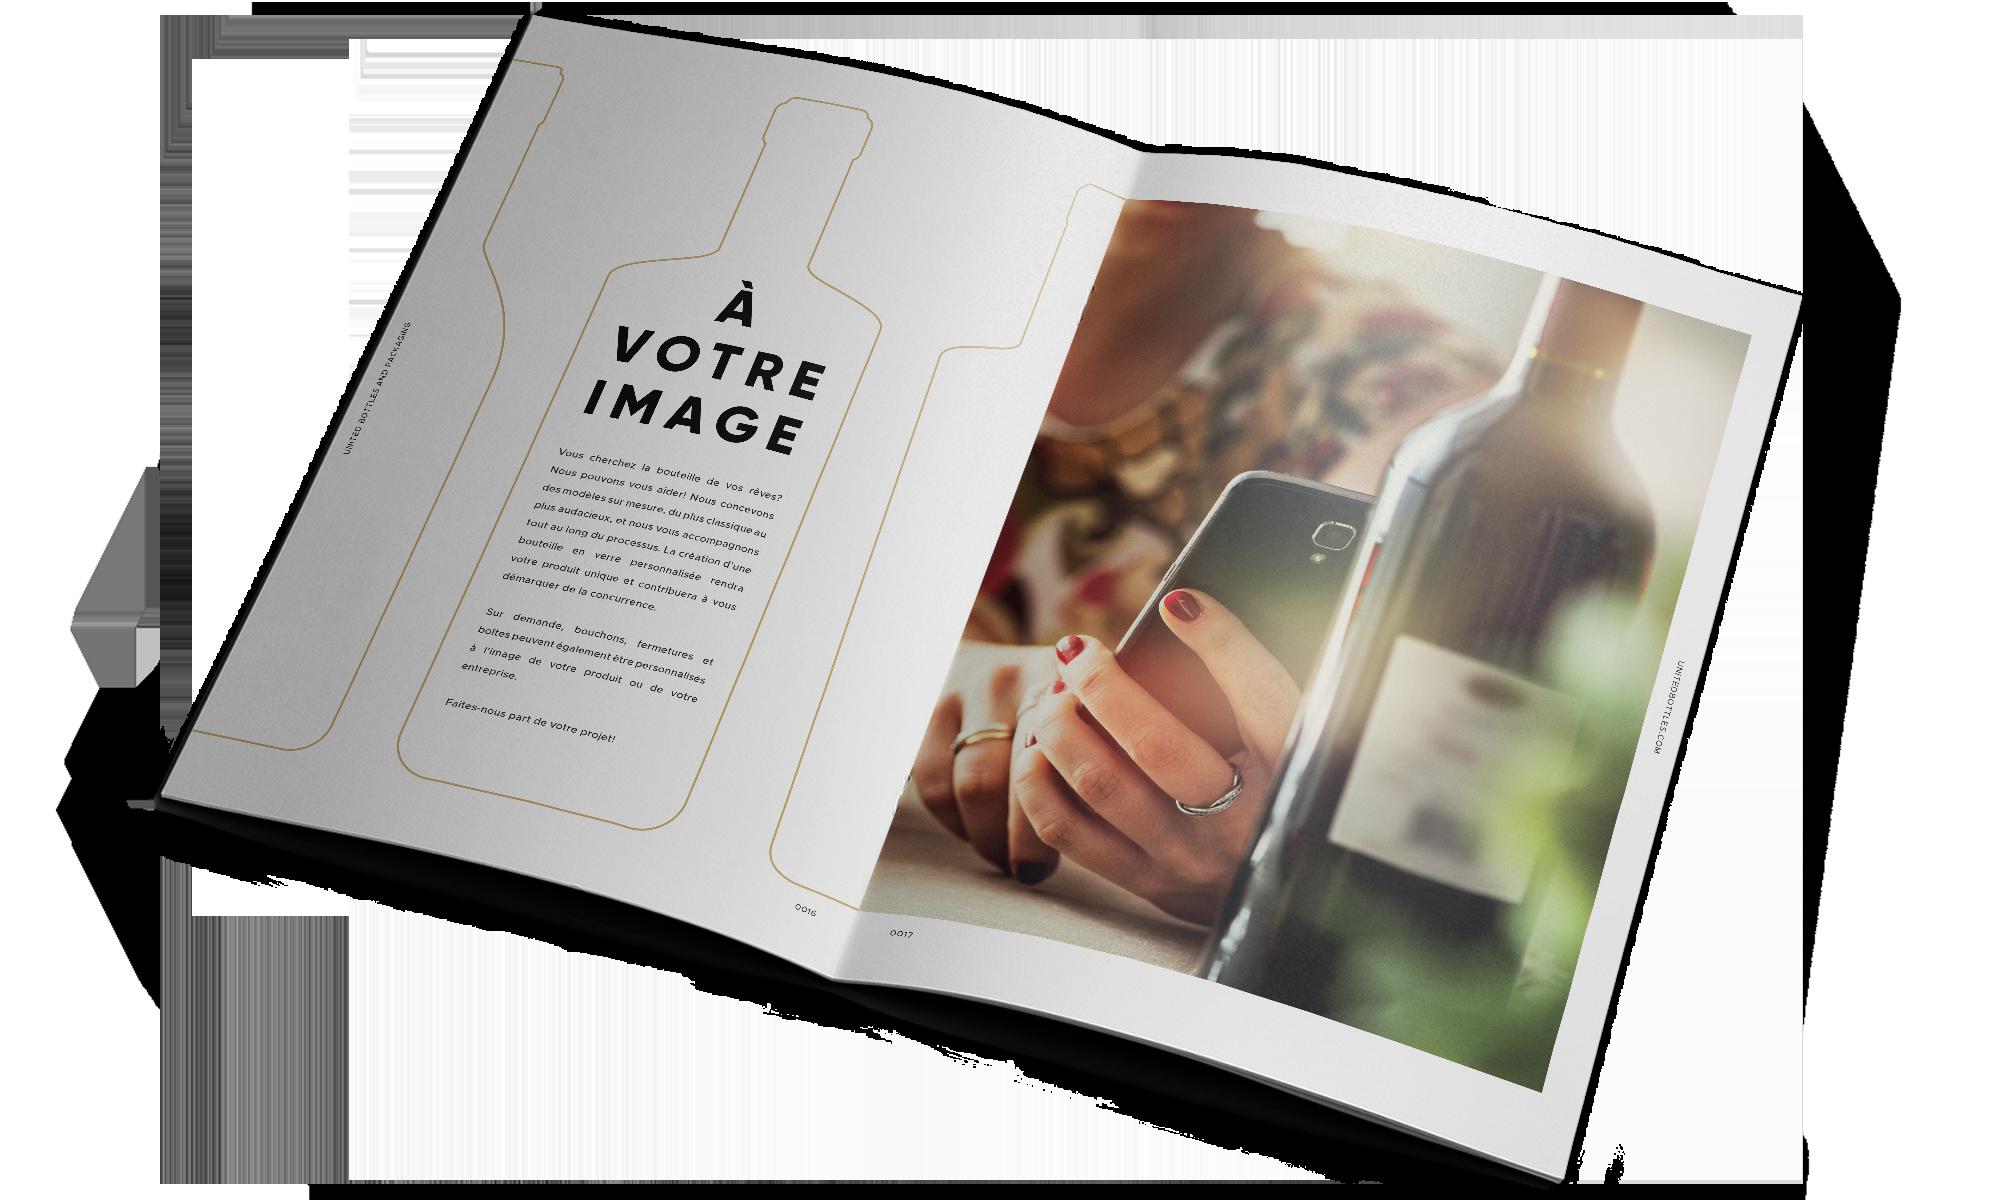 Nouvelle image, nouvelle brochure!